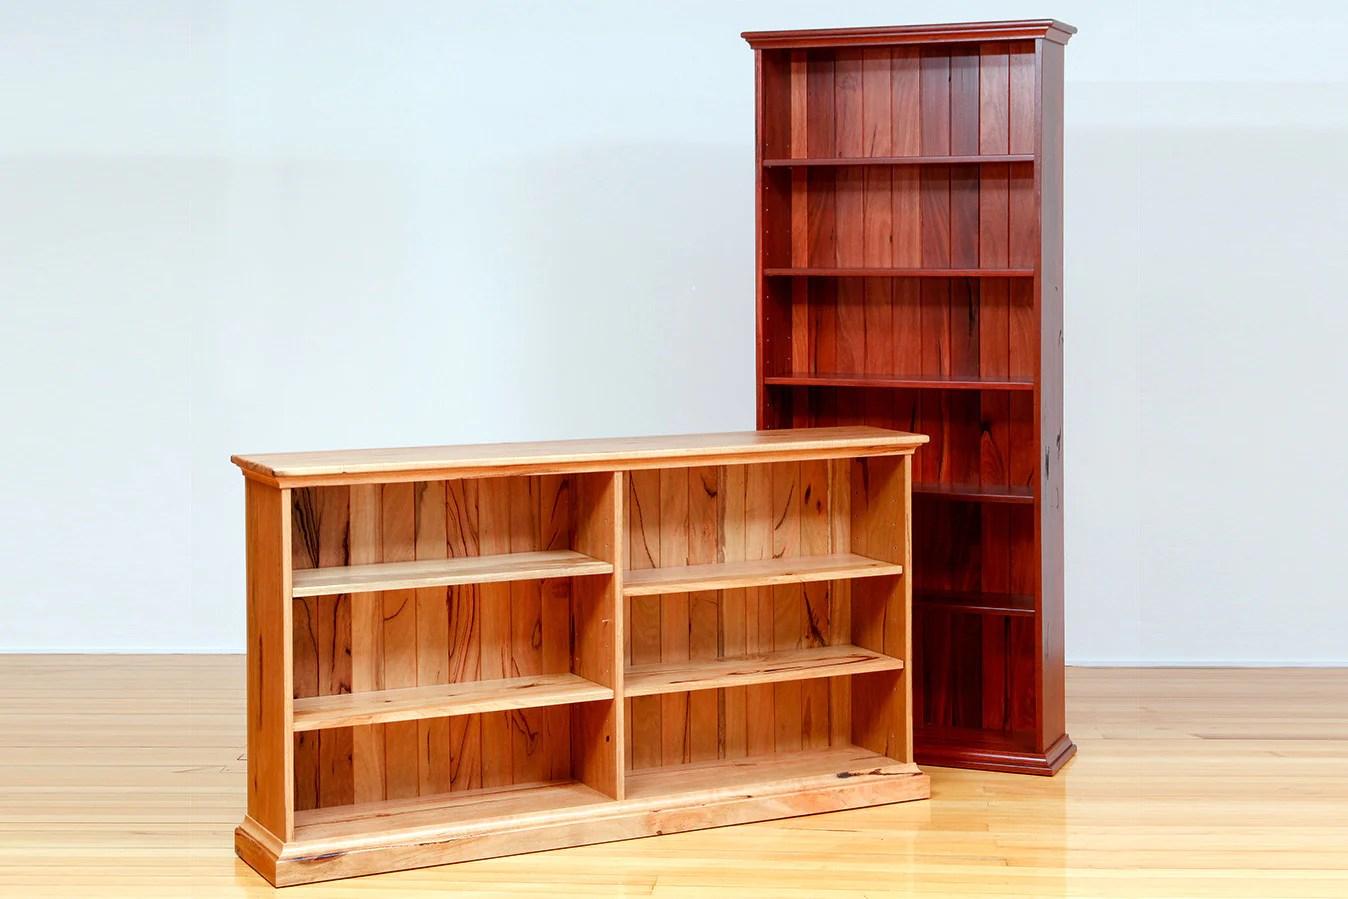 Denmark Solid Marri And Jarrah Custom Bookcases Bespoke